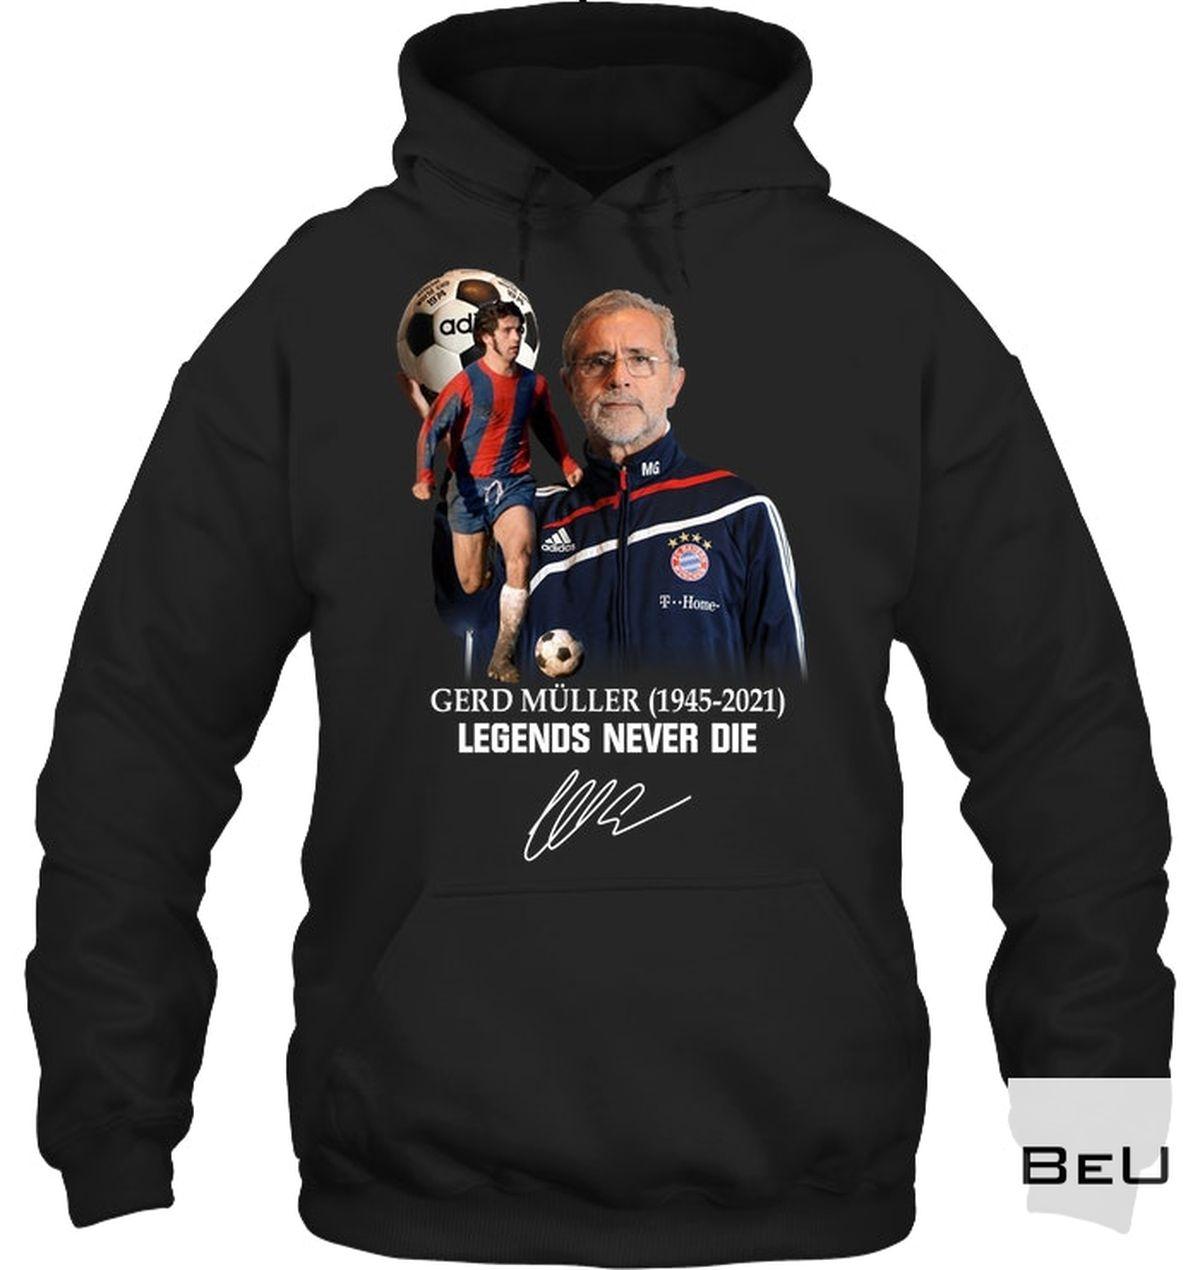 Gerd Muller Legend Never Die Shirt x